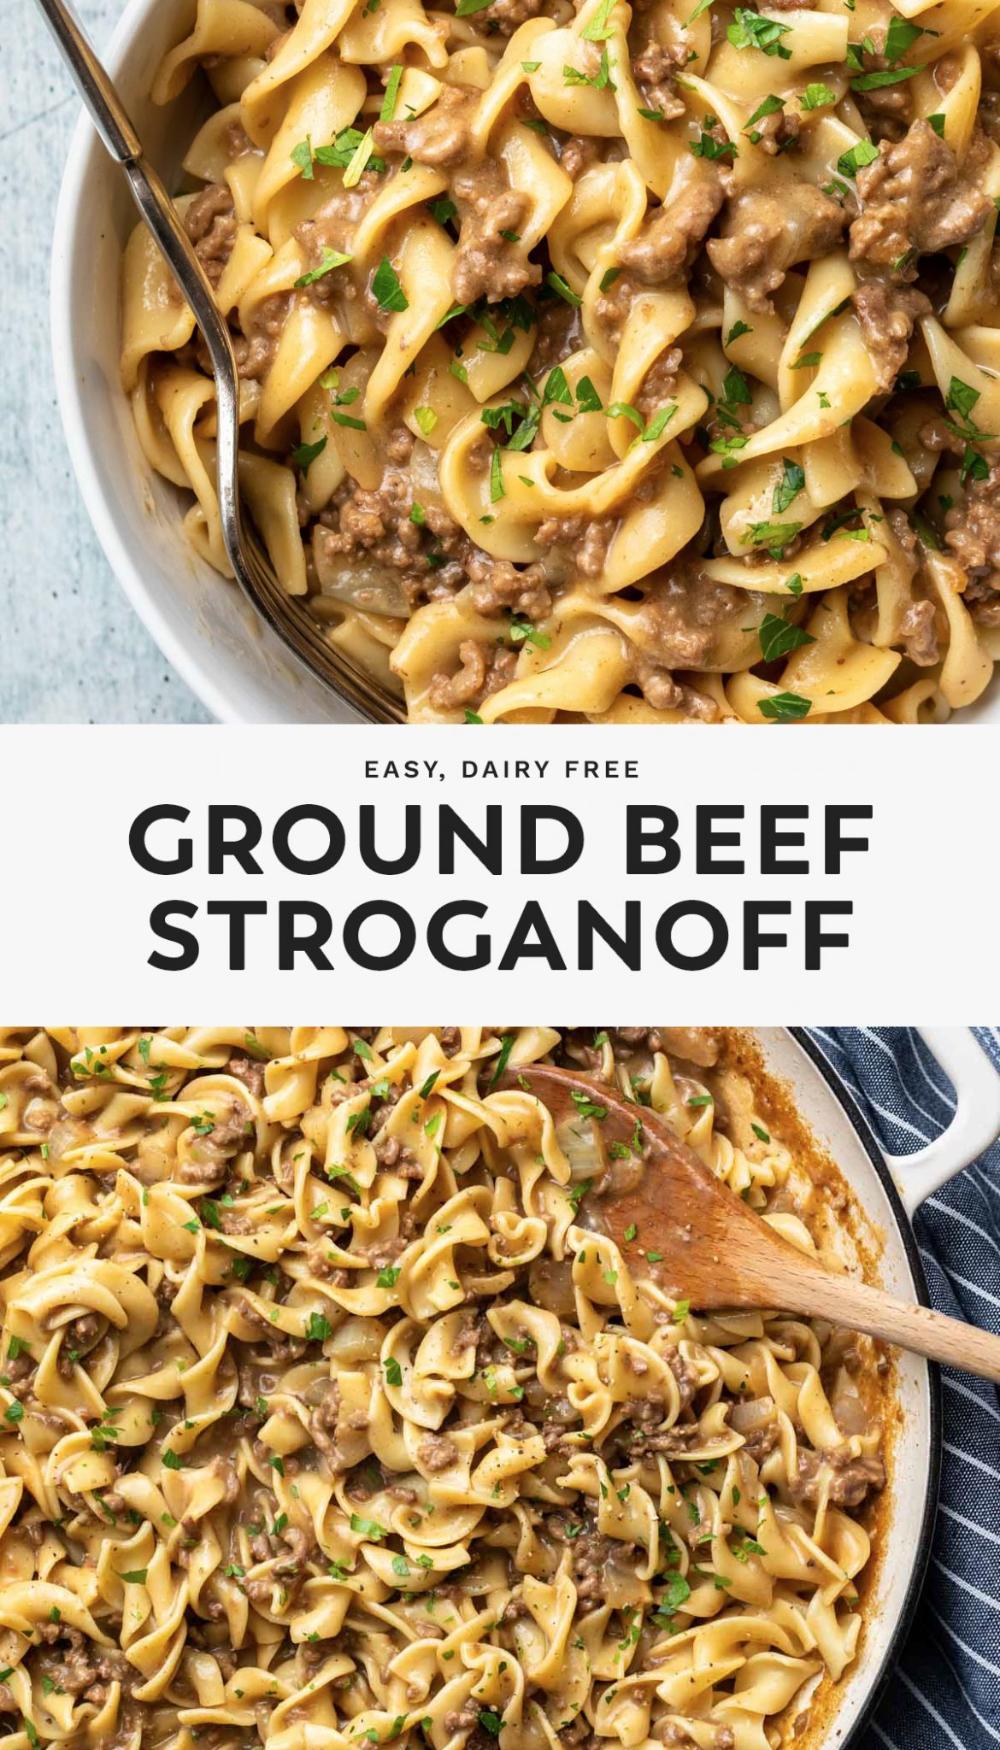 Ground Beef Stroganoff Recipe In 2020 Dairy Free Recipes Dinner Ground Beef Stroganoff Dairy Free Pasta